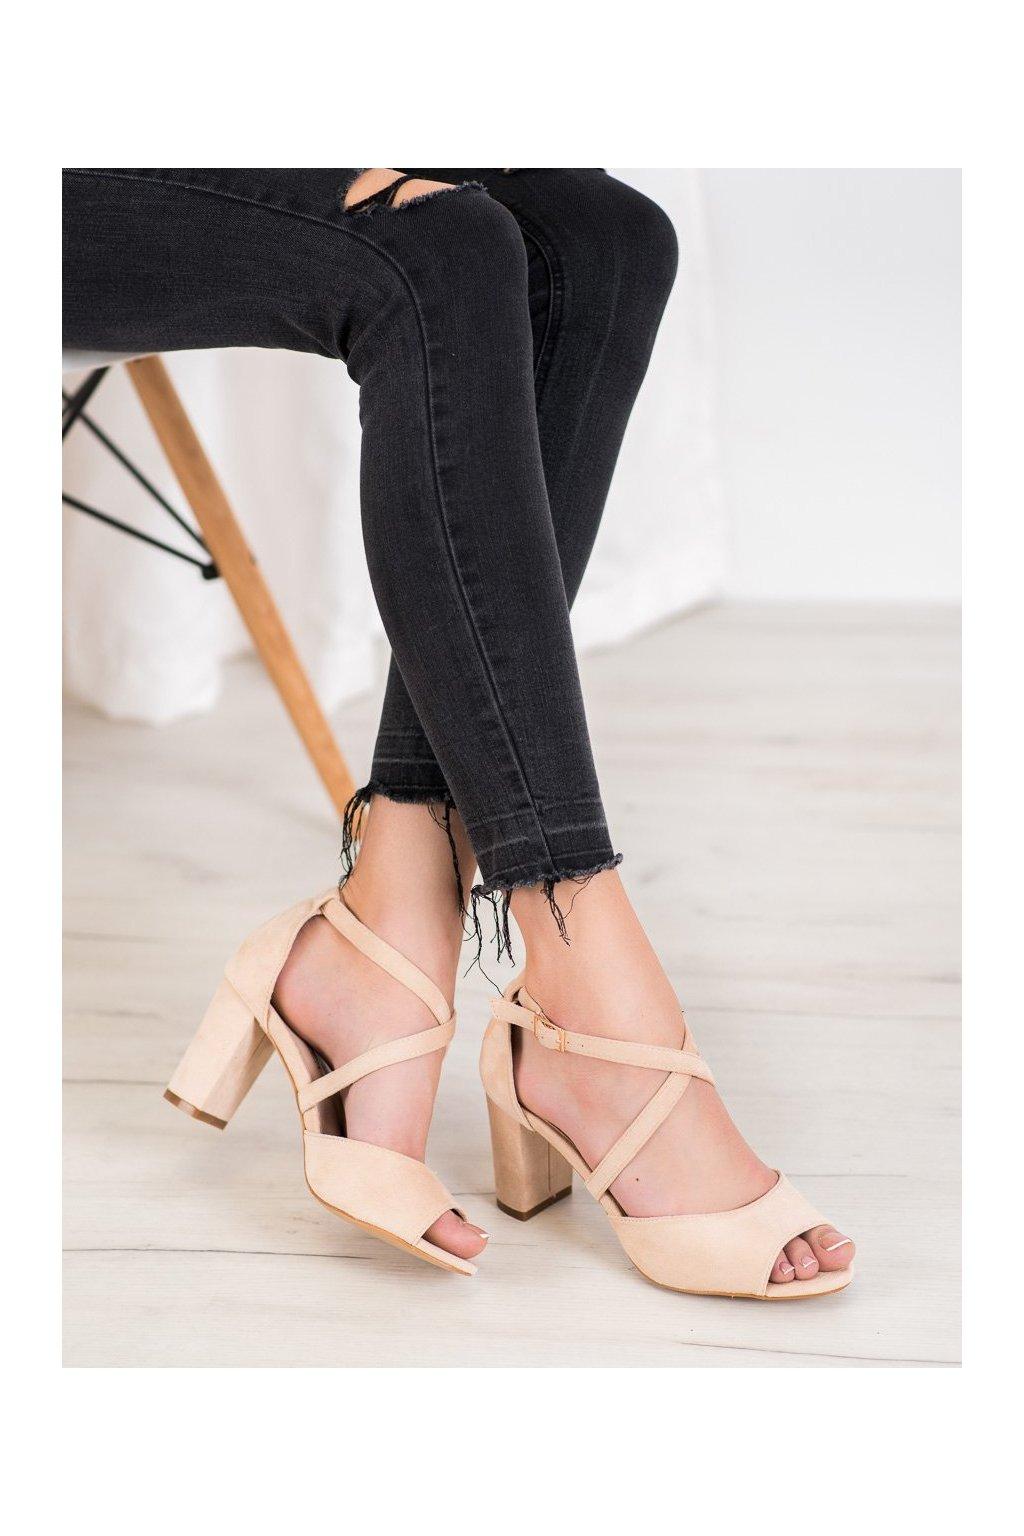 Hnedé sandále na podpätku Vinceza kod YQE20-17086BE